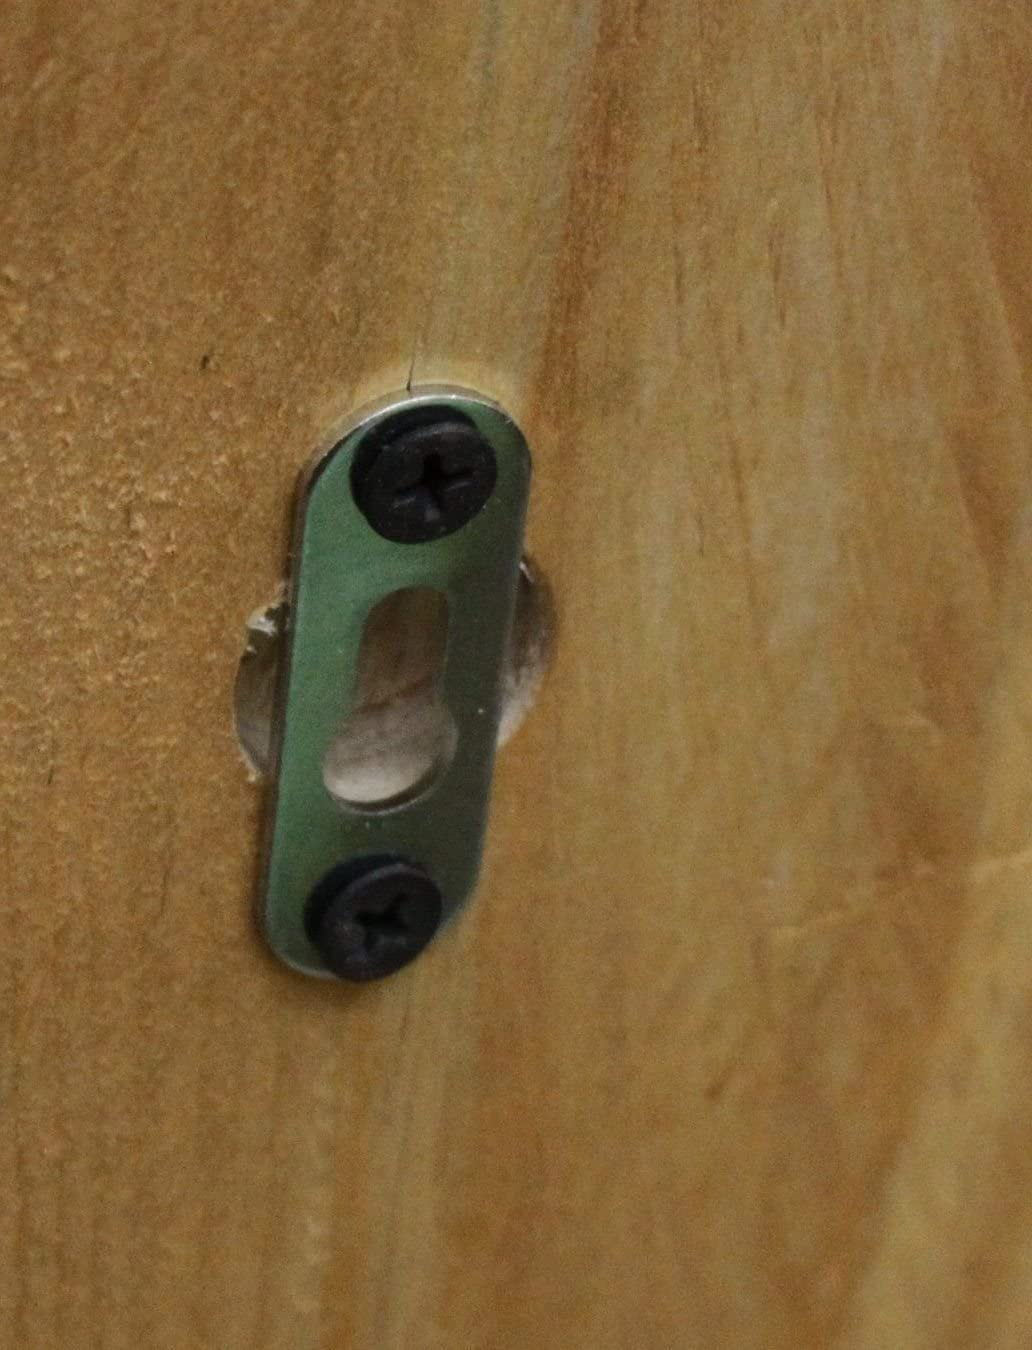 Dekorie Holz Gew/ürzregal mit Metall Haken braun Shabby Vintage fertig montiert